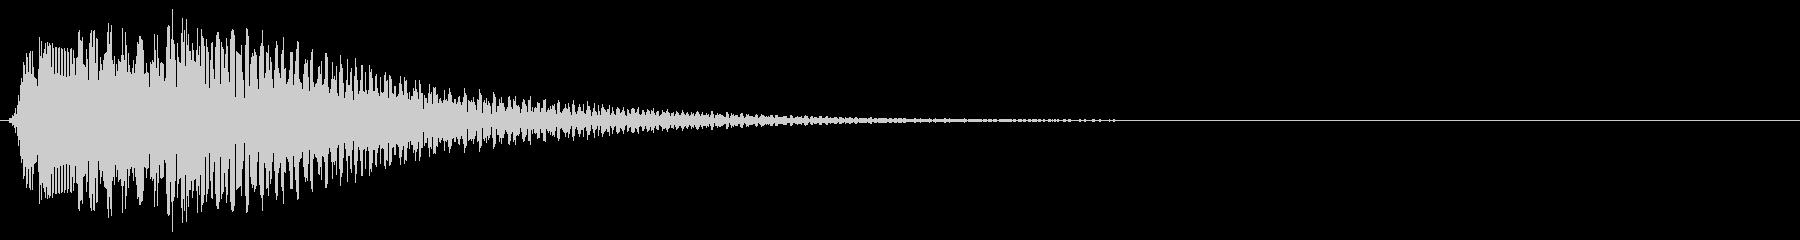 決定・タッチ・スタート音・ボタン・選択 の未再生の波形